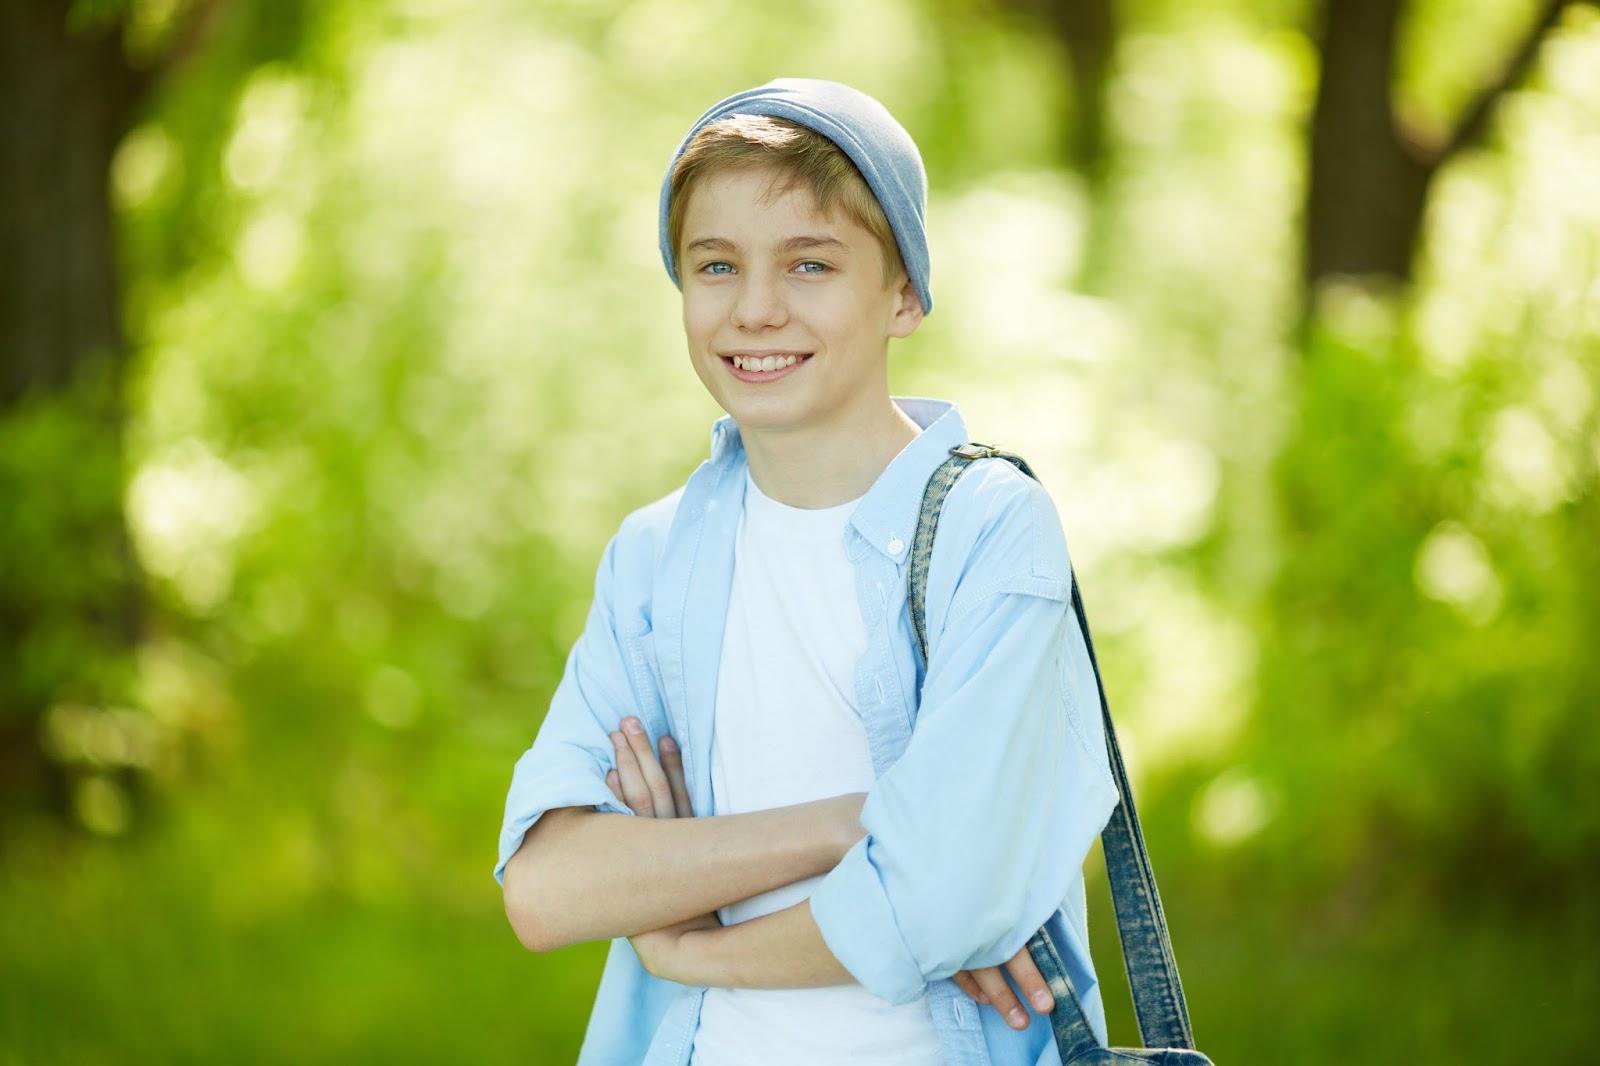 5a123a80eb4 Forældre vil som en hel naturlig ting gerne beskytte deres børn mod livets  barske vilkår, og derfor kan det nogle gange være svært at vide, hvor meget  de ...